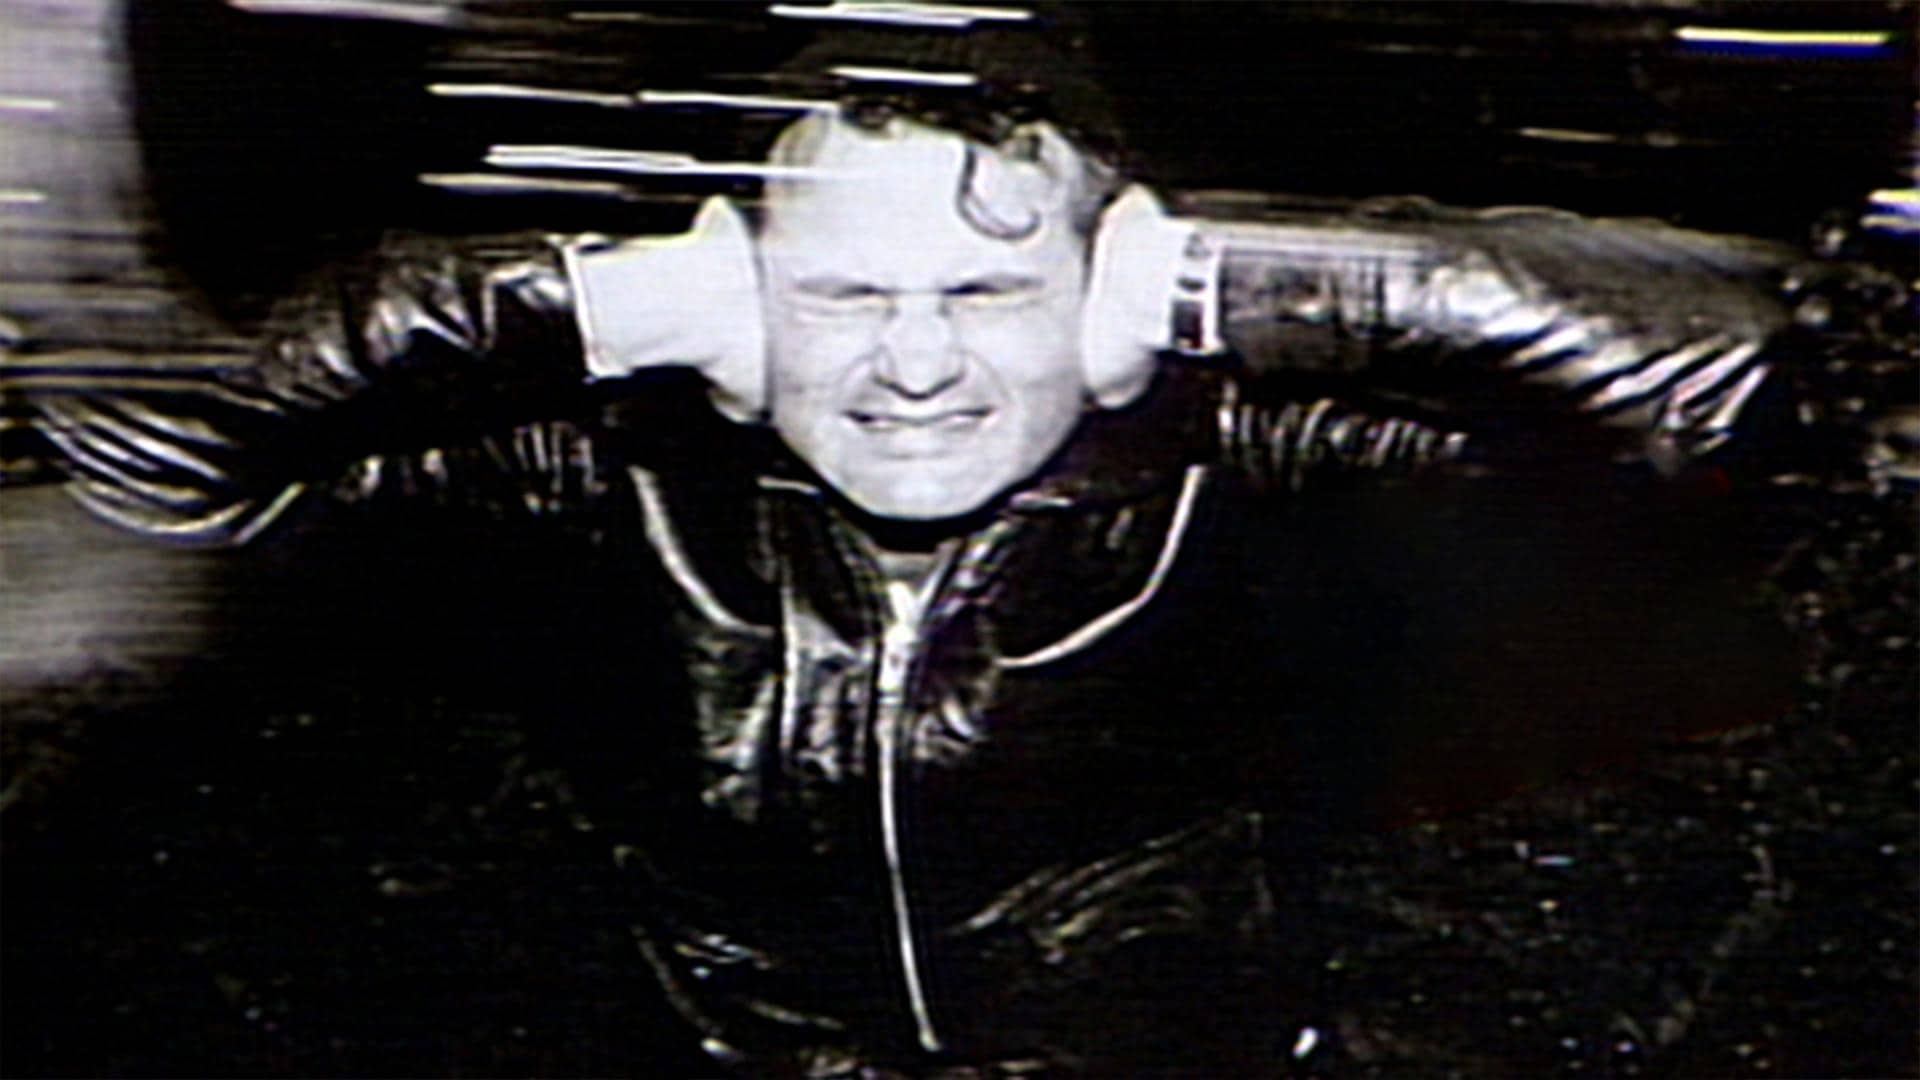 Bill Murray: December 12, 1981